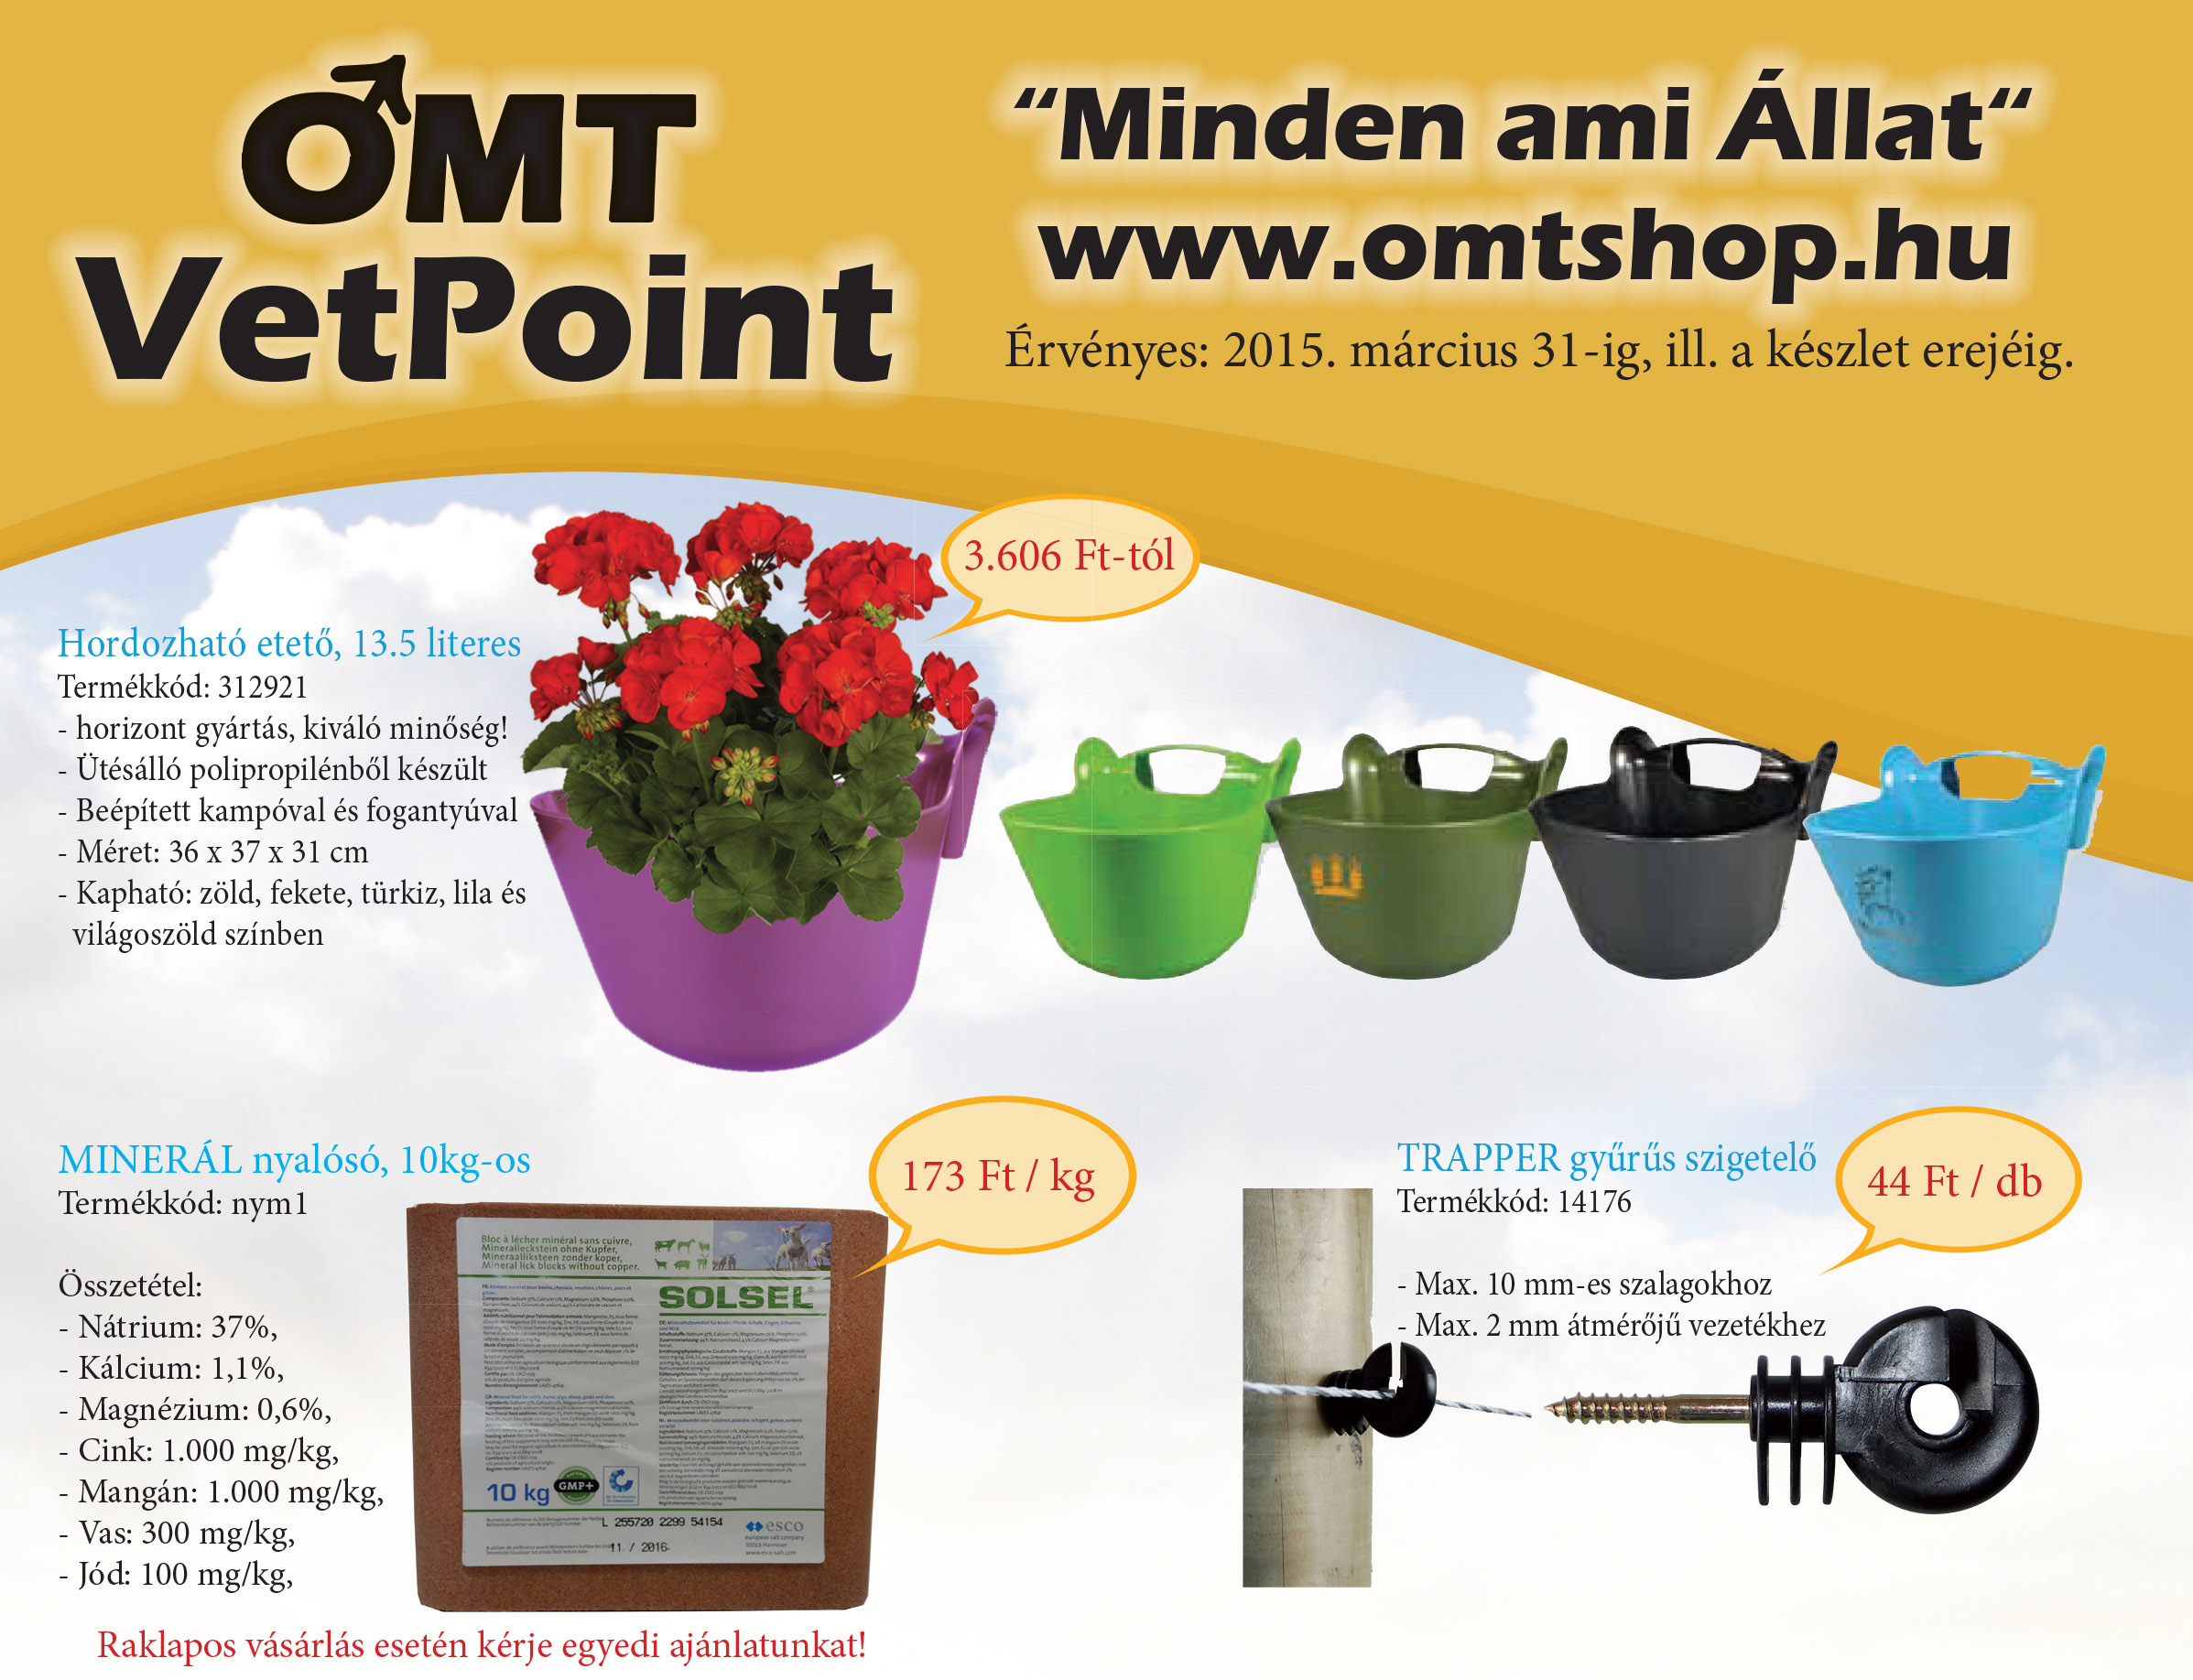 OMT-VetPoint villanypásztor,haszonállat és lovas újság 2015.márciu